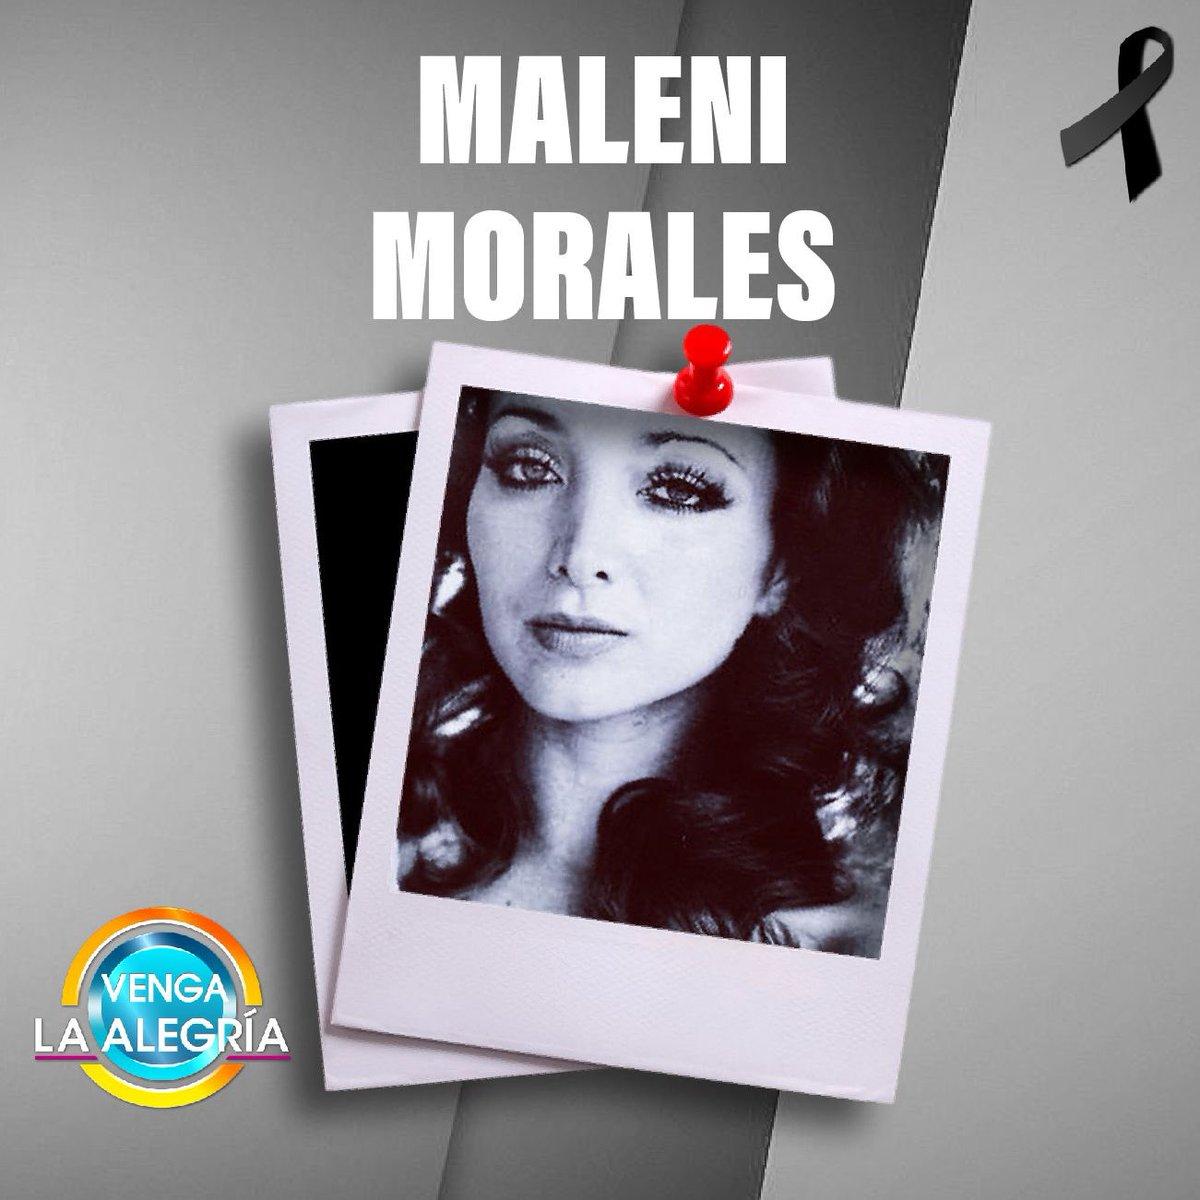 ¡Lamentablemente falleció la querida actriz Maleni Morales, esposa del también actor Otto Sirgo! 🙌🏻😢🕊¡Descanse en paz! #VLA https://t.co/ljKOP2Nx2Z